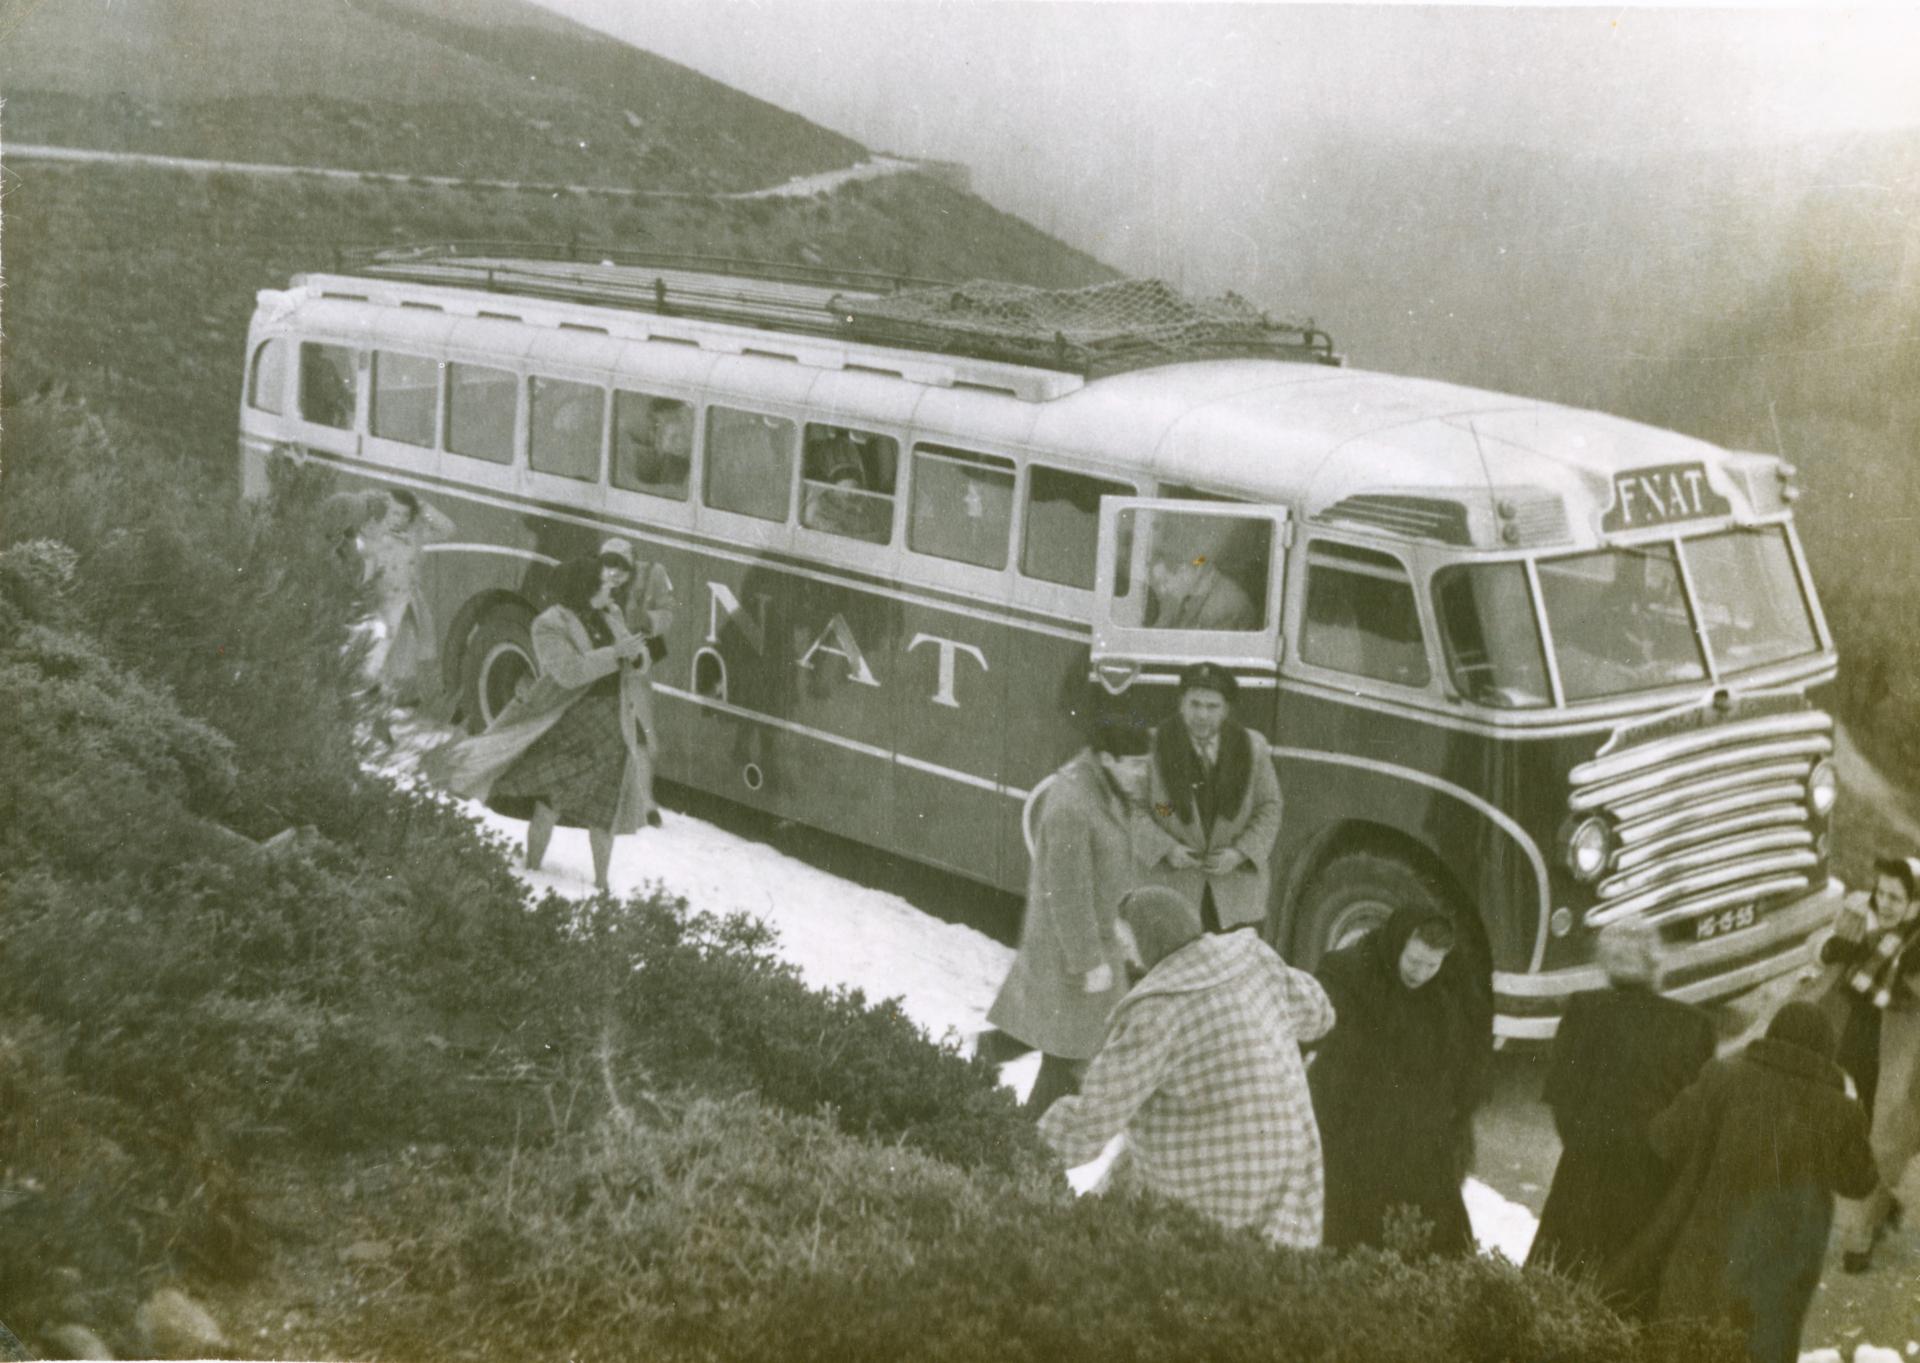 Excursionistas numa camioneta da FNAT, num local que parece a Serrra da Estrela com neve. Fotografia de Armando Raposo Dezembro1952